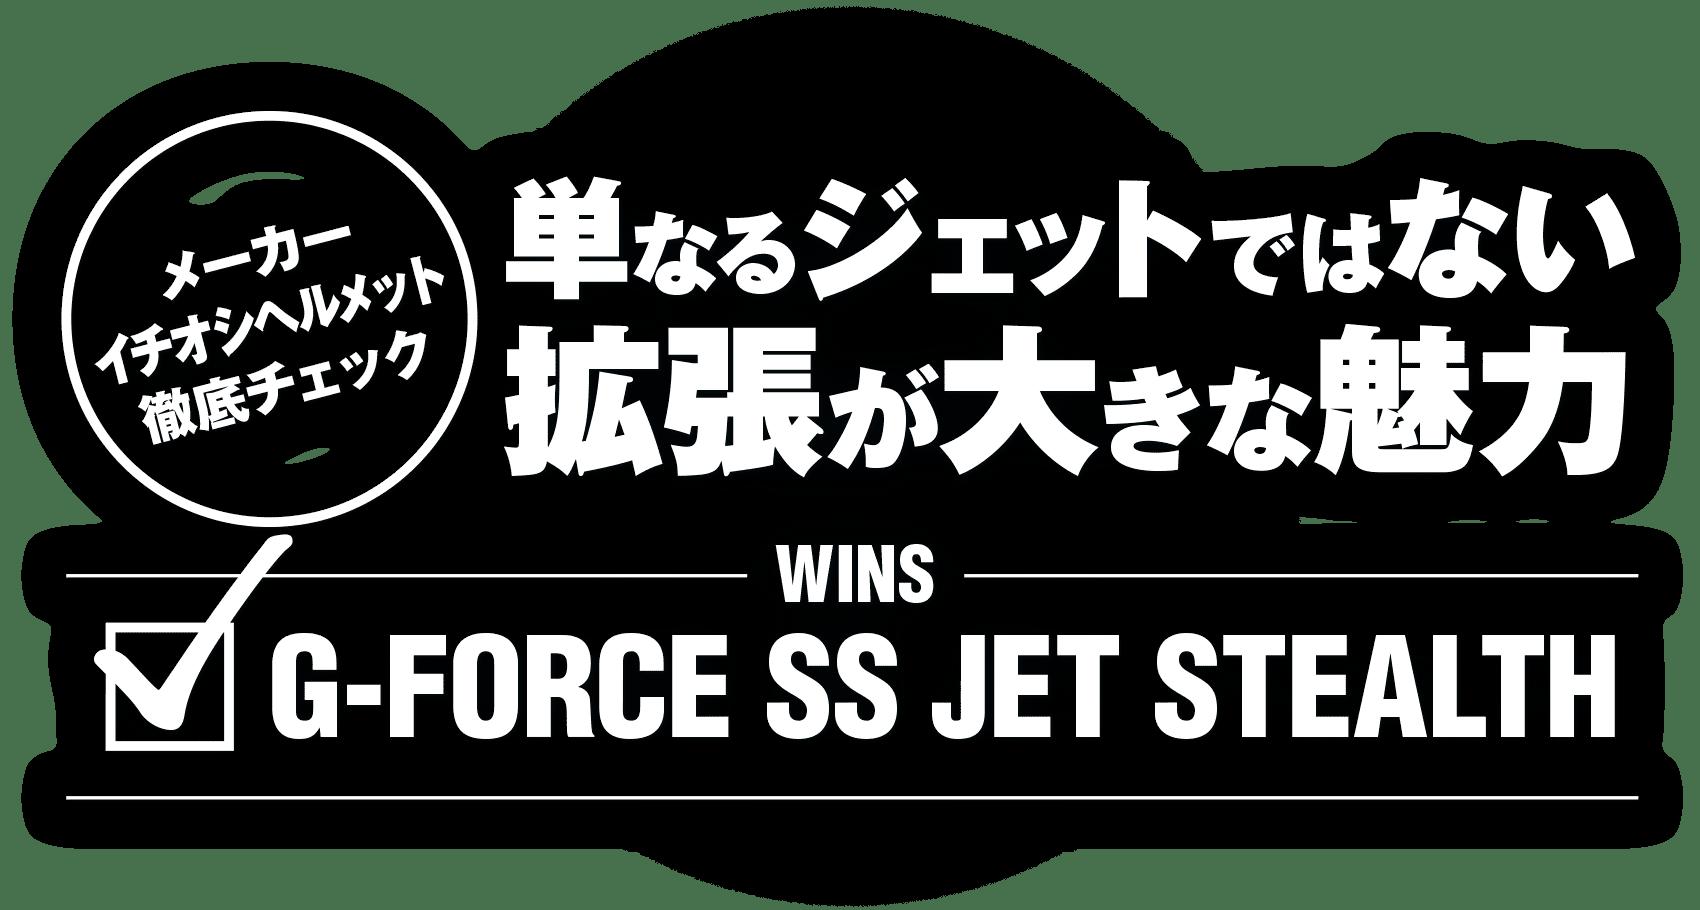 """単なるジェットではない拡張が大きな魅力 """"WINS G-FORCE SS JET STEALTH"""""""